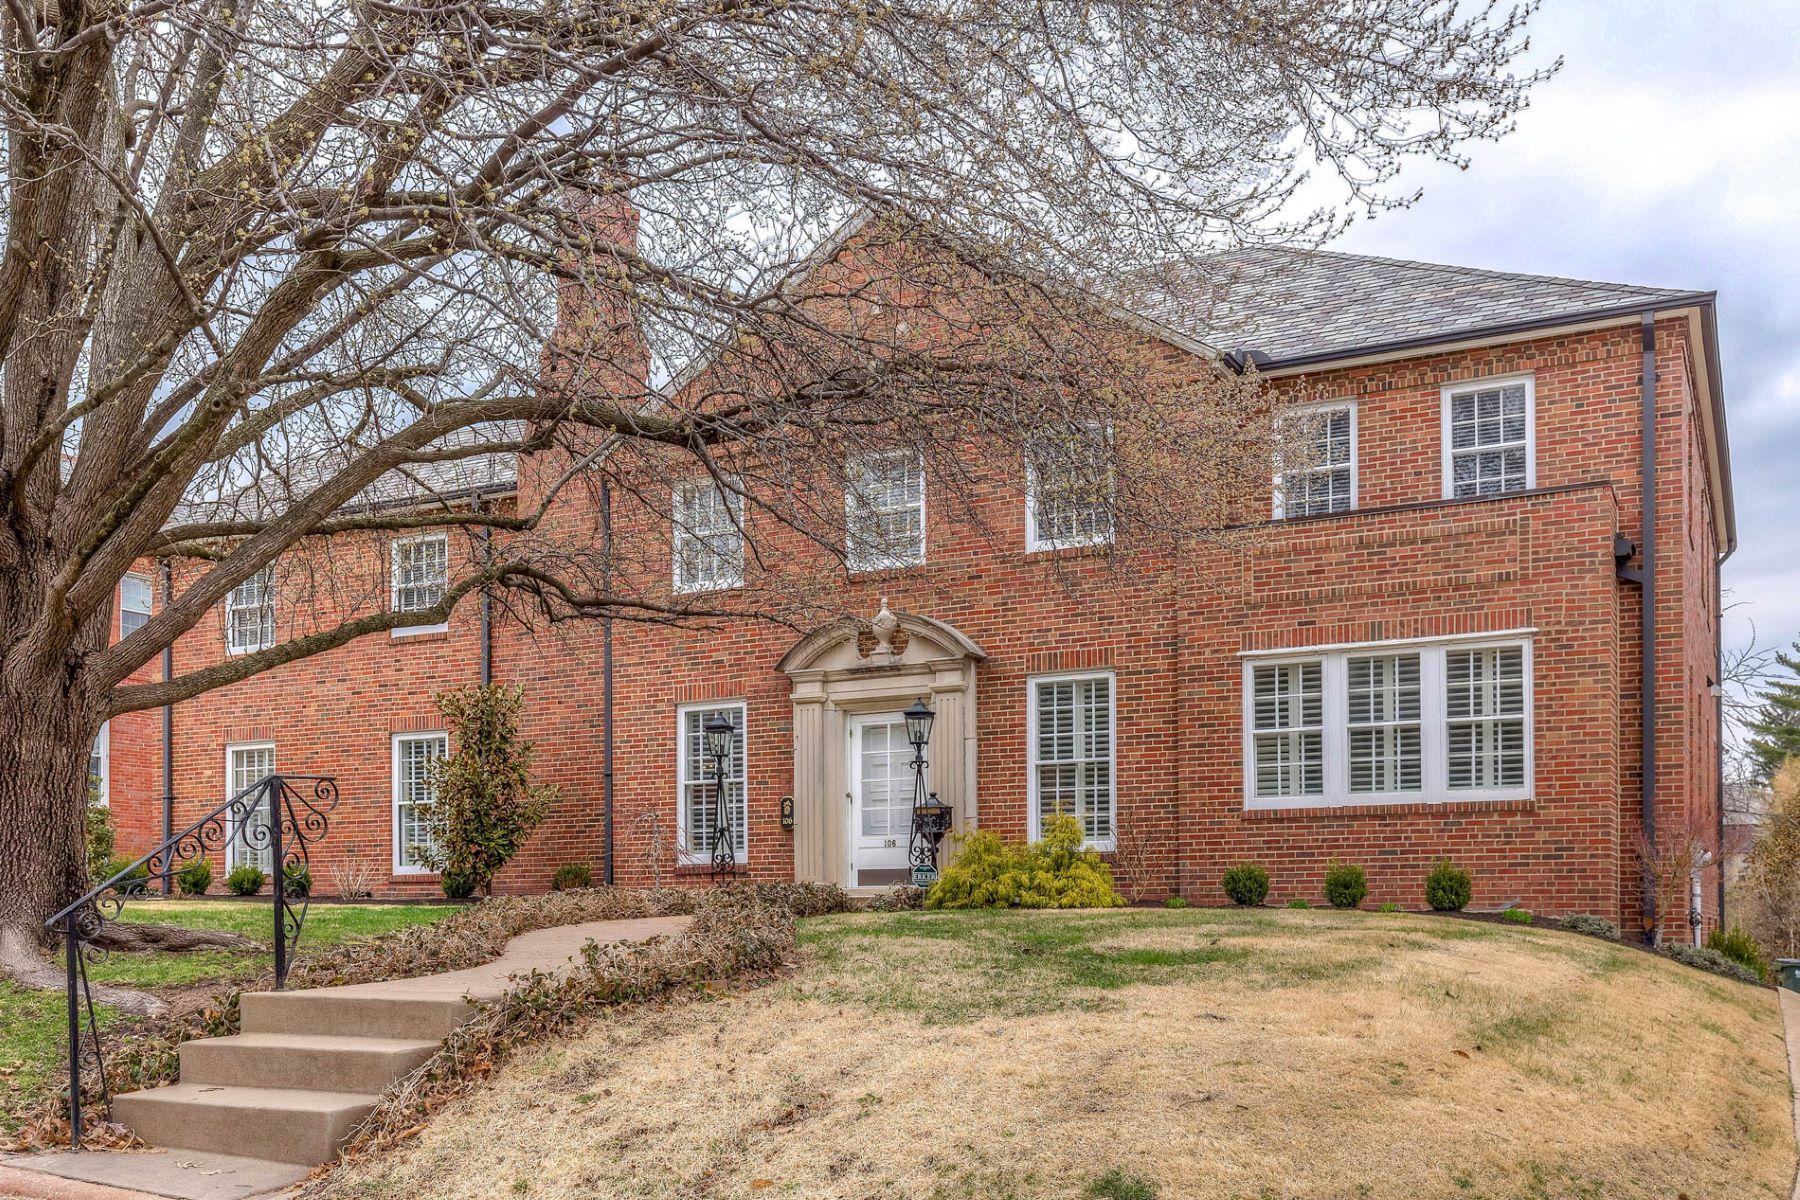 단독 가정 주택 용 매매 에 Lake Forest Drive 106 Lake Forest Dr, Richmond Heights, 미주리, 63117 미국